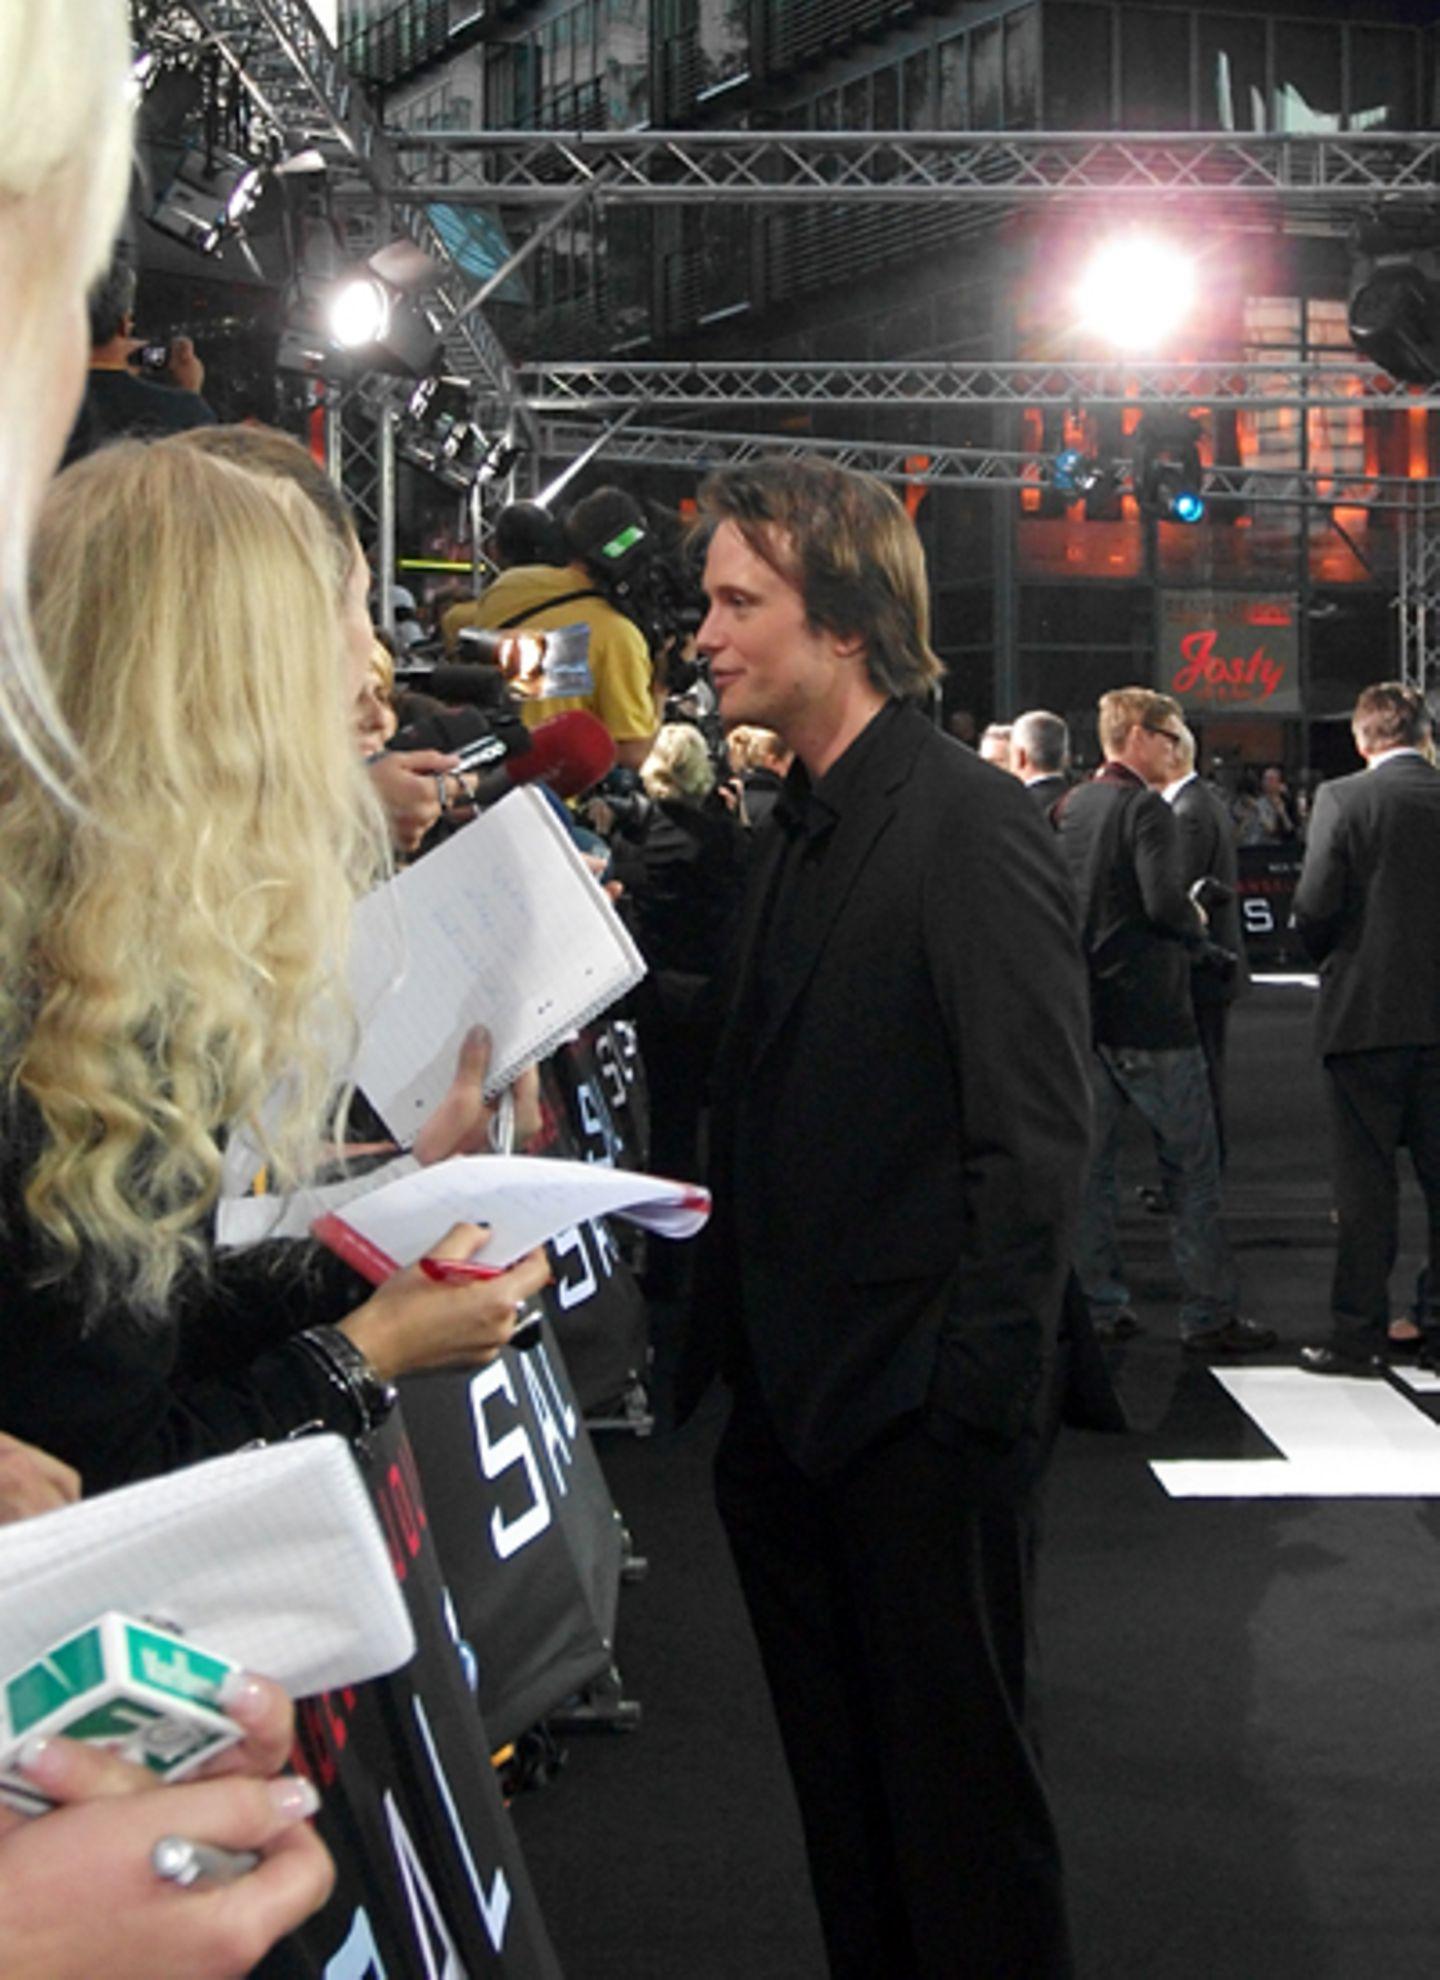 Salt Premiere Berlin: August Diehl beantwortet bereitwillig Fragen. Für ihn sei es eine tolle und neue Erfahrung, vor so vielen